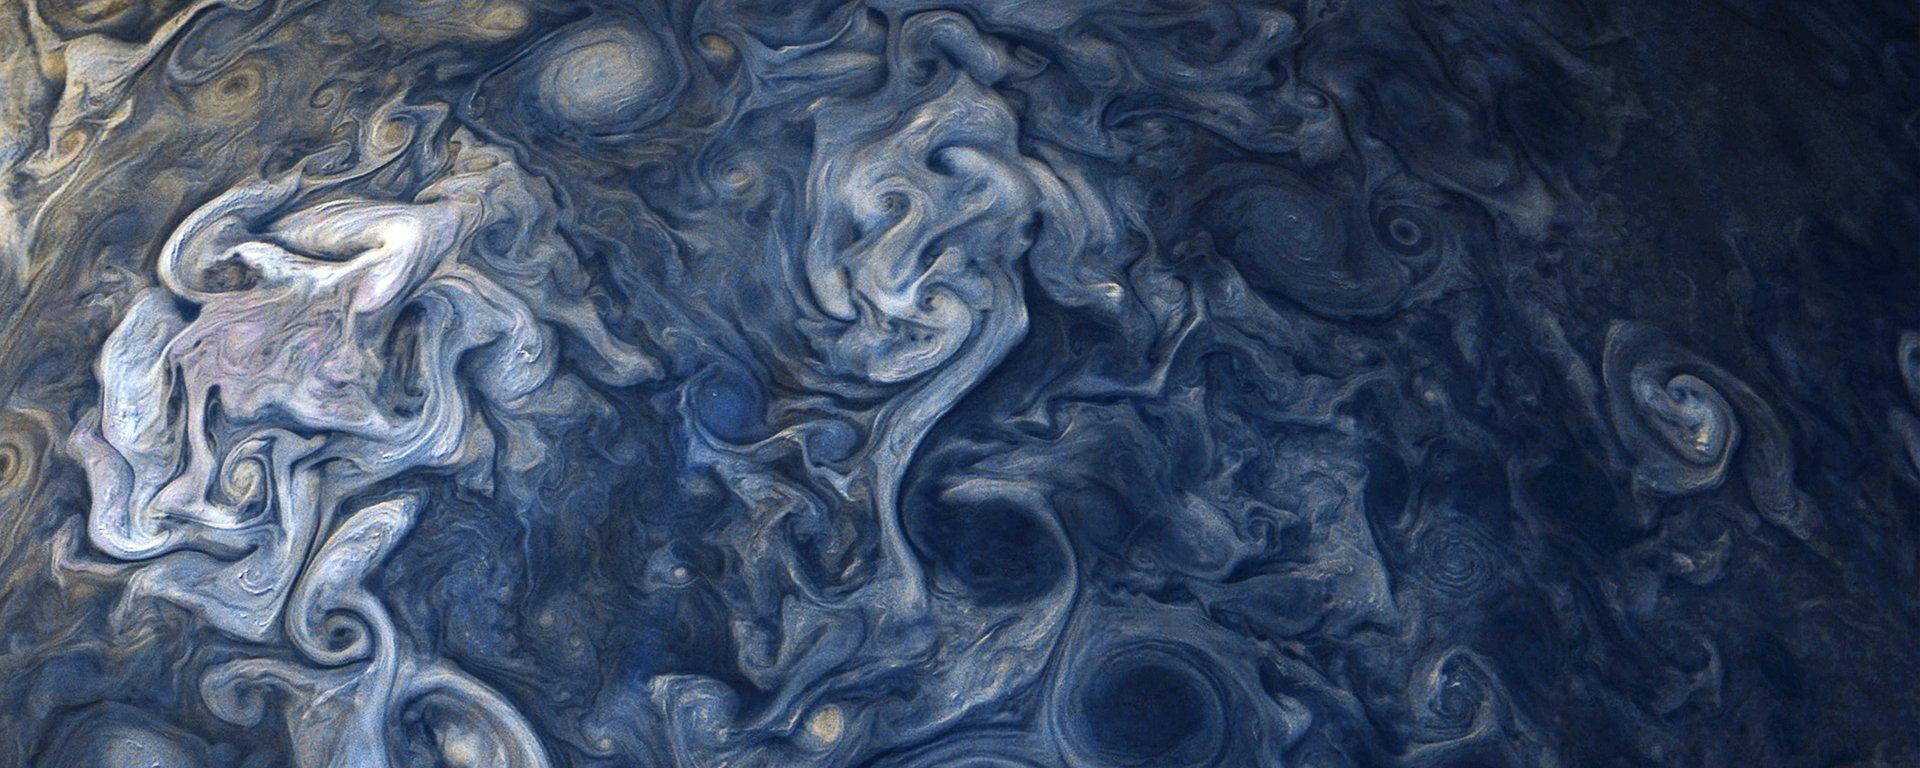 Acredite se quiser, essa é uma foto da superfície de Júpiter